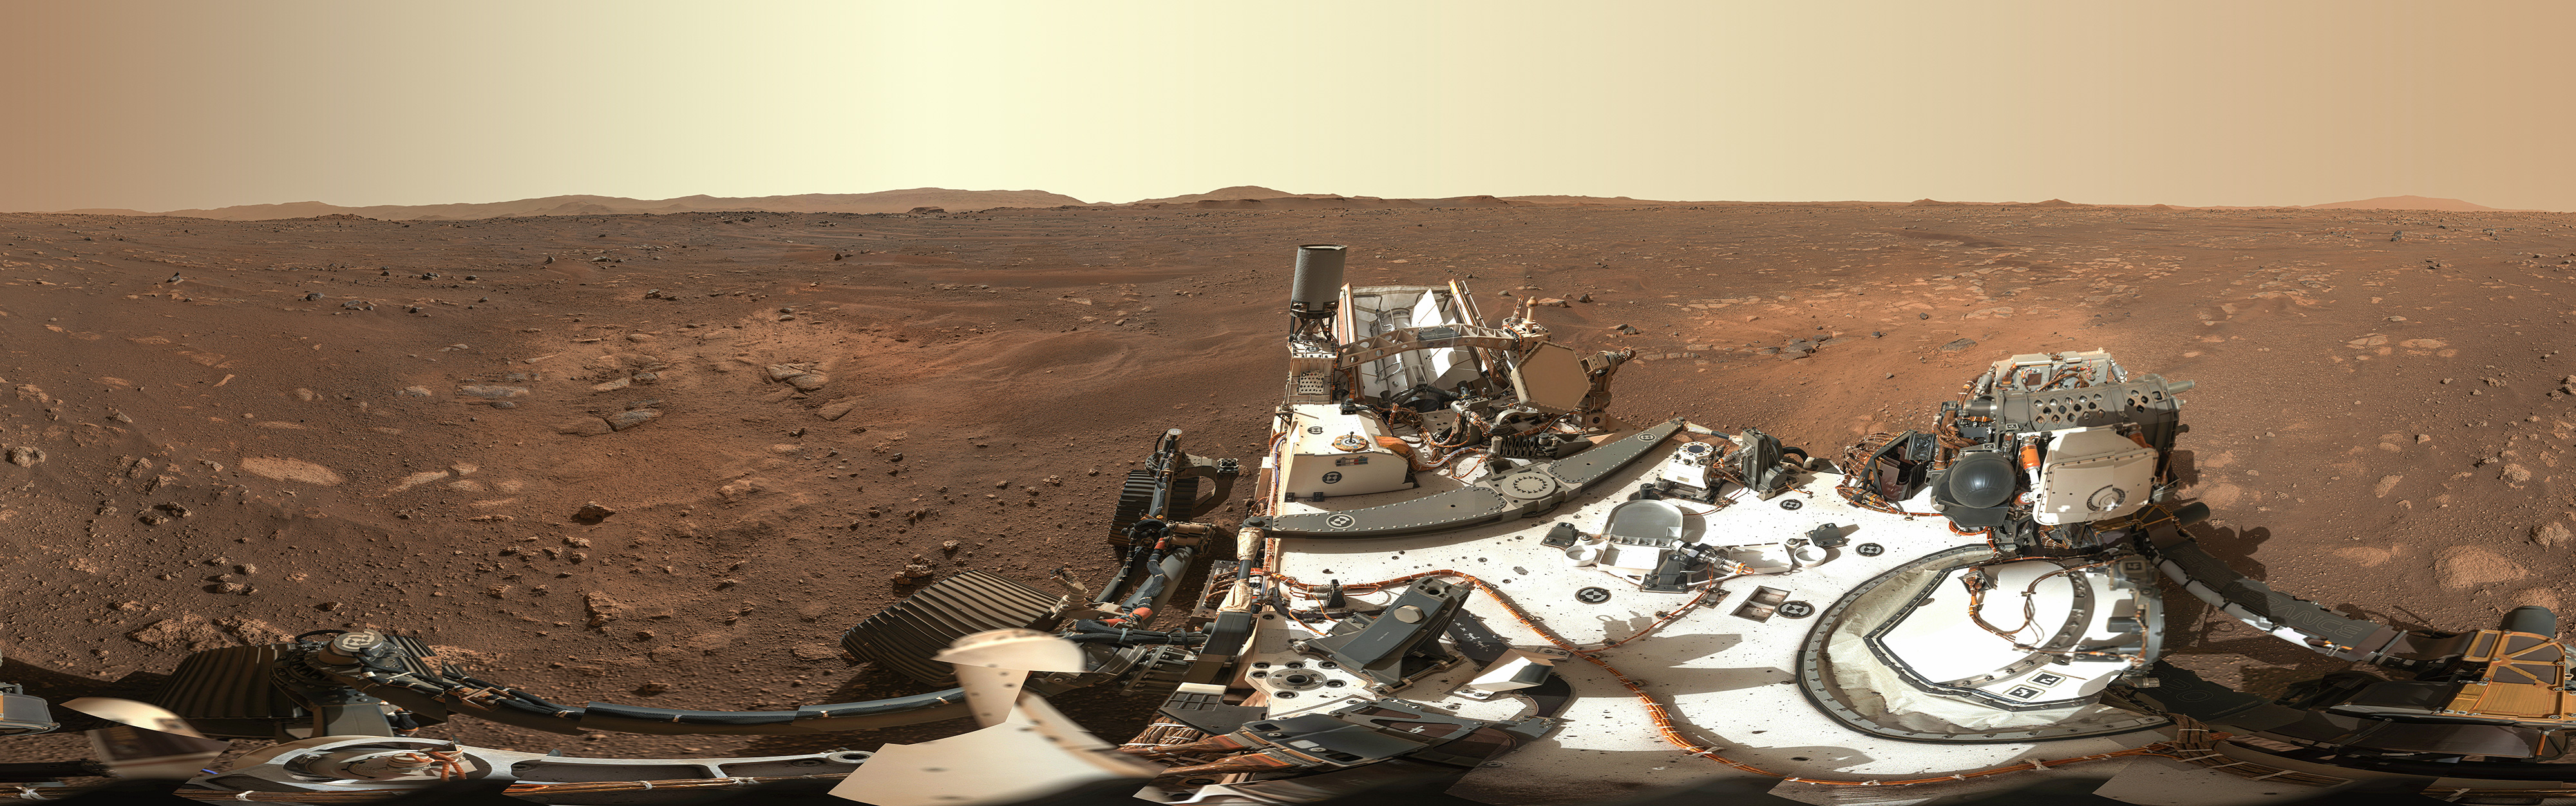 NASA представила первую панораму с Марса, состоящую из 142 фото